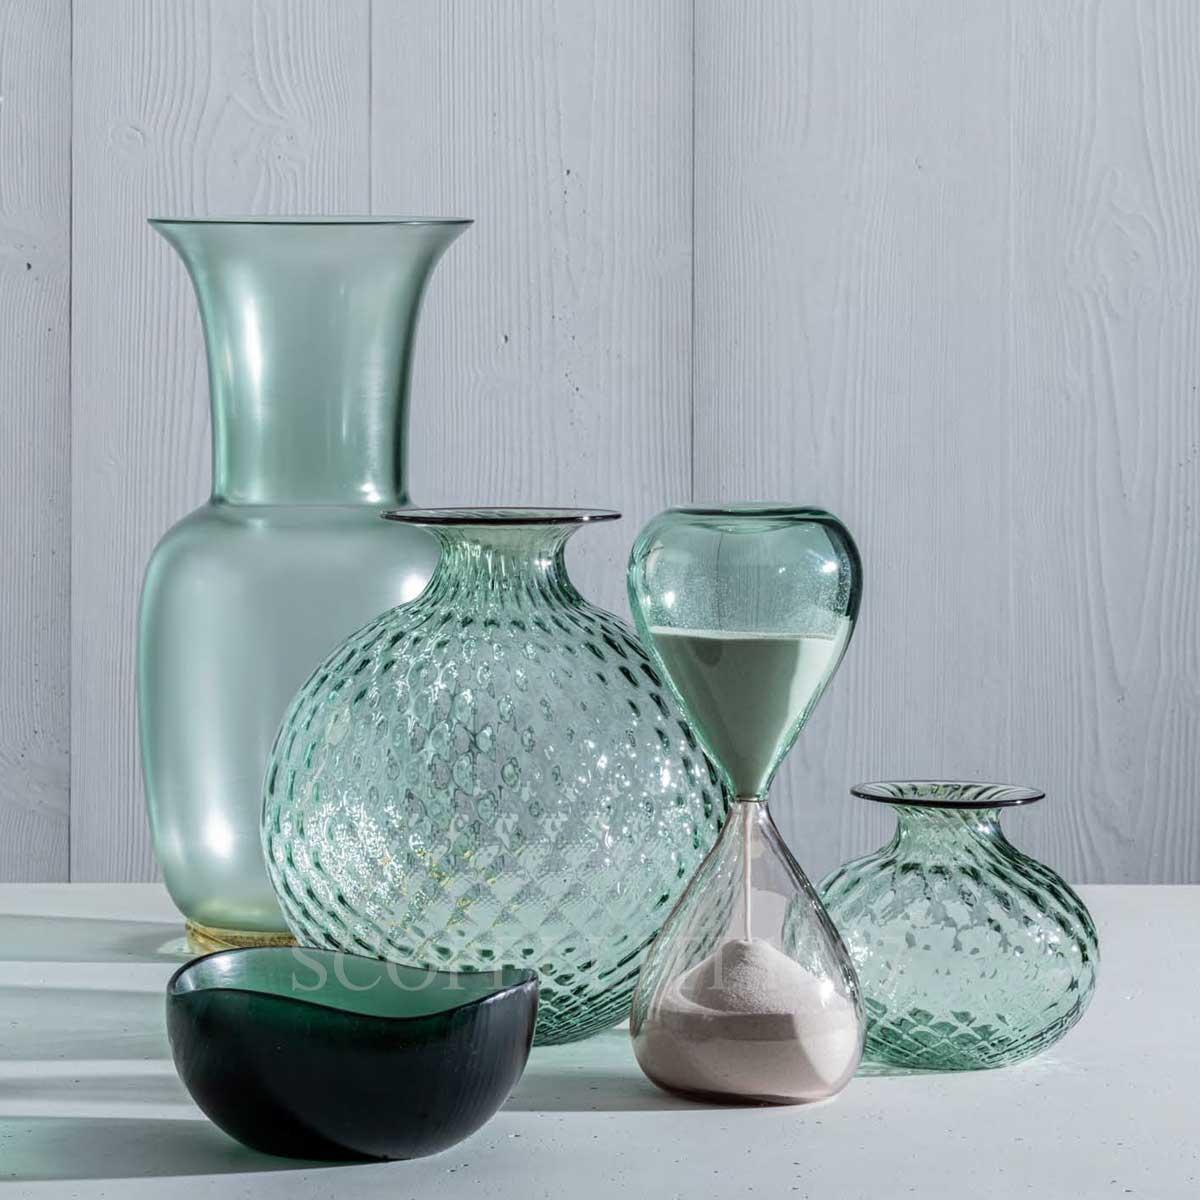 venini rio green new collection